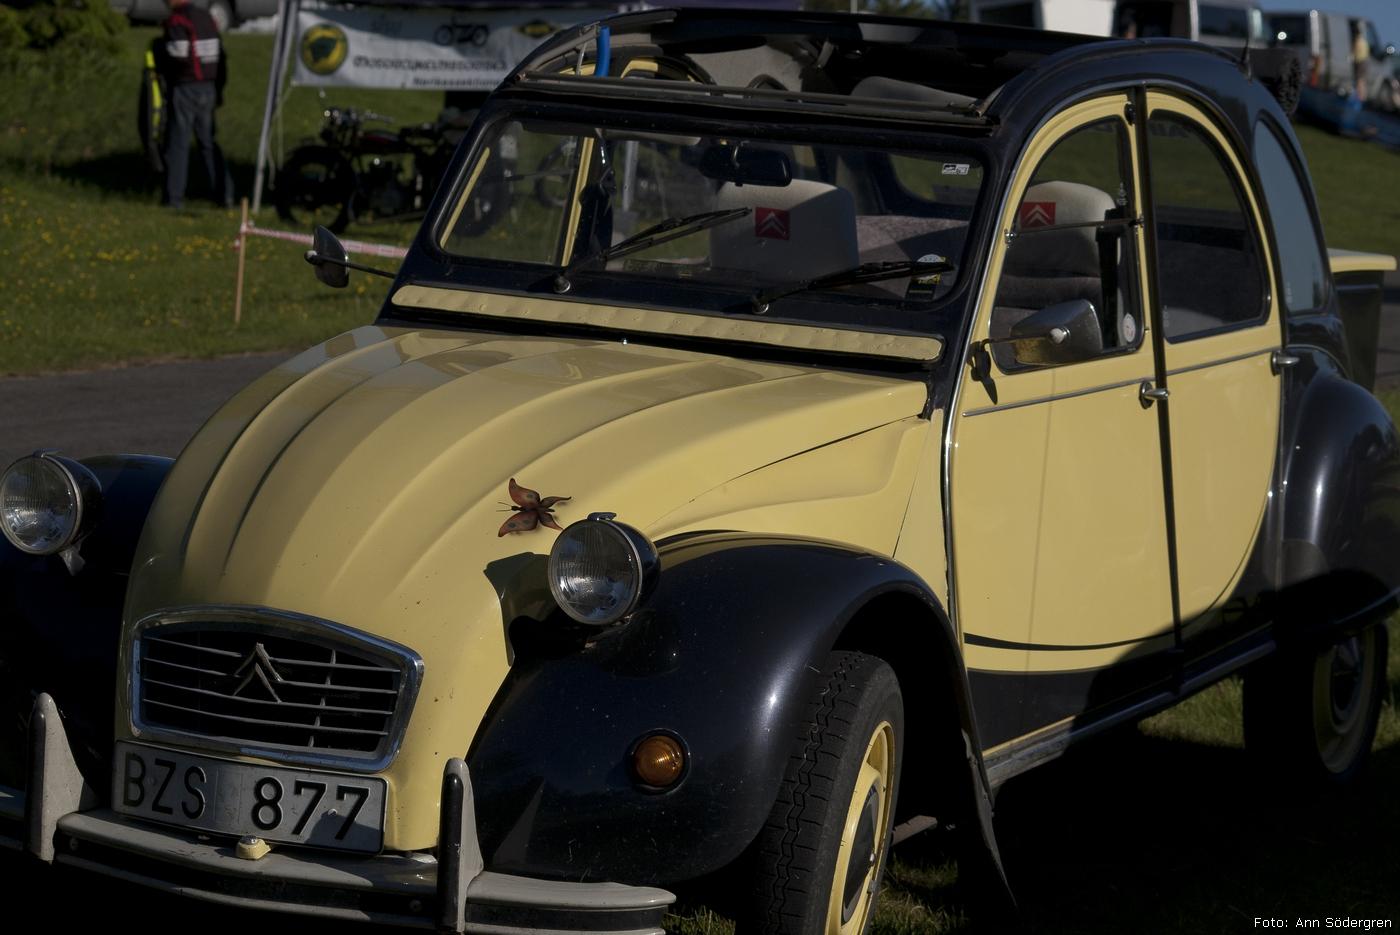 2011-06-04_023_ClassicMotor